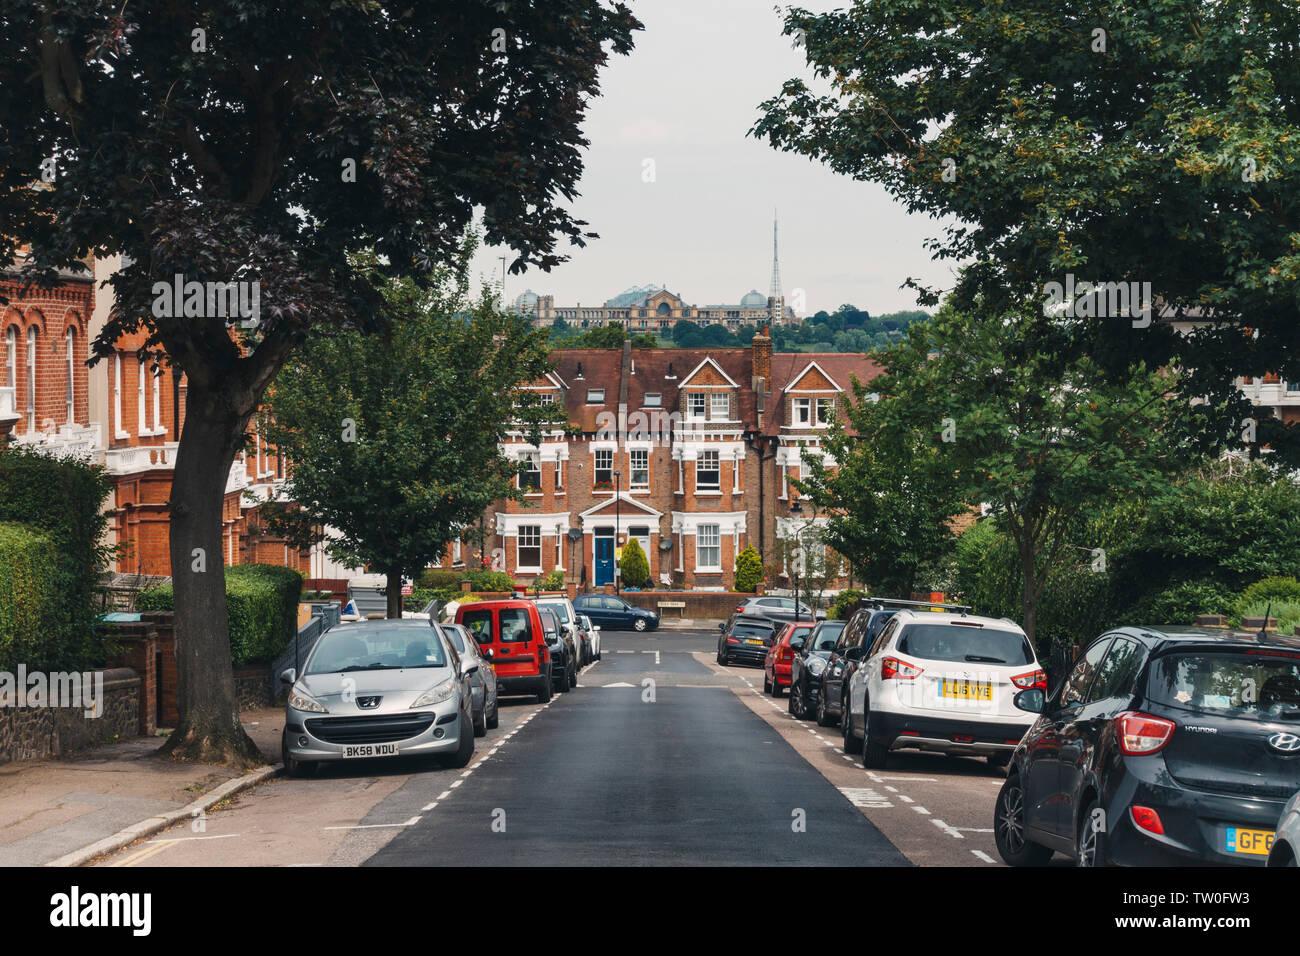 Mirando hacia una terraza ubicado calle residencial hacia el palacio de Alexandra en Crouch End, en el norte de Londres Imagen De Stock